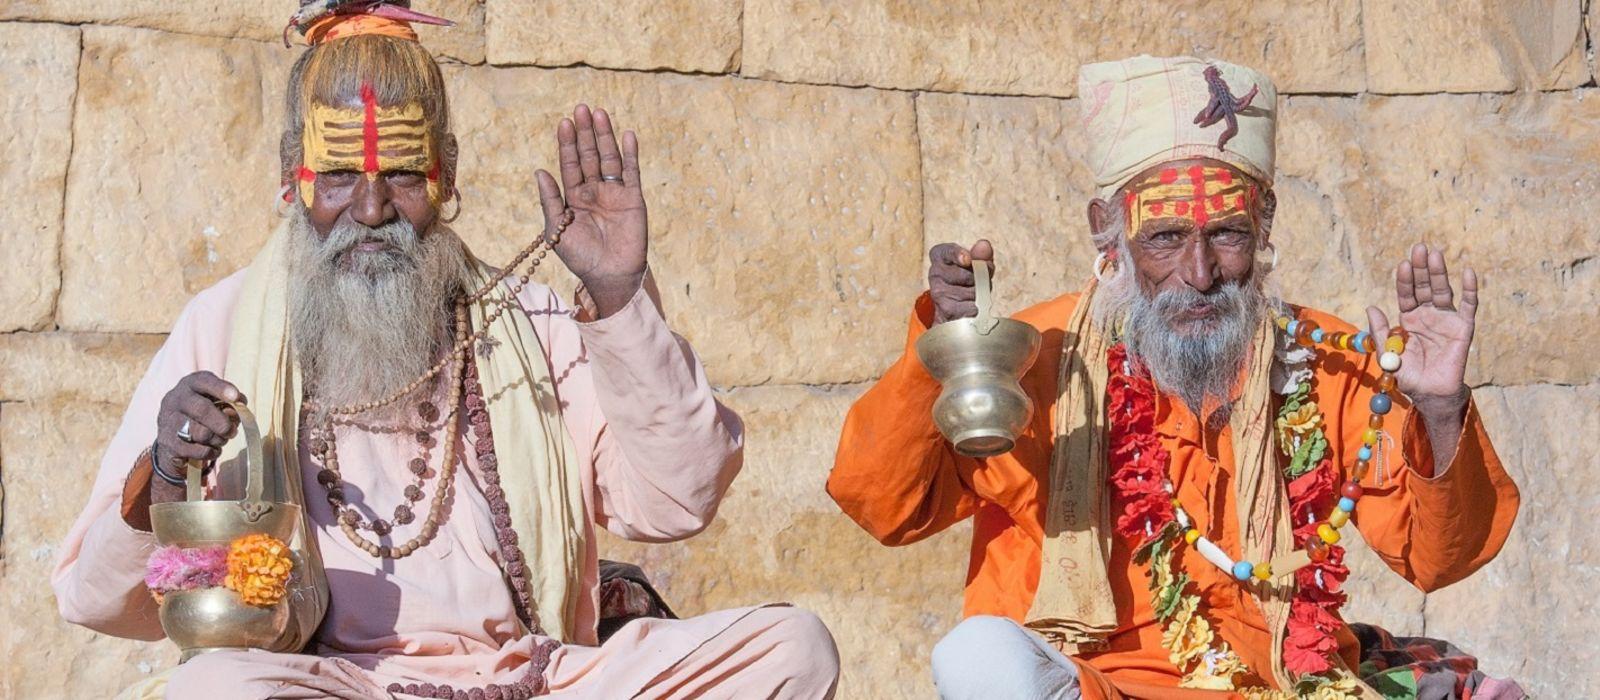 Indiens prächtiger Norden: Kolonialer Glanz und spirituelles Erbe Urlaub 4